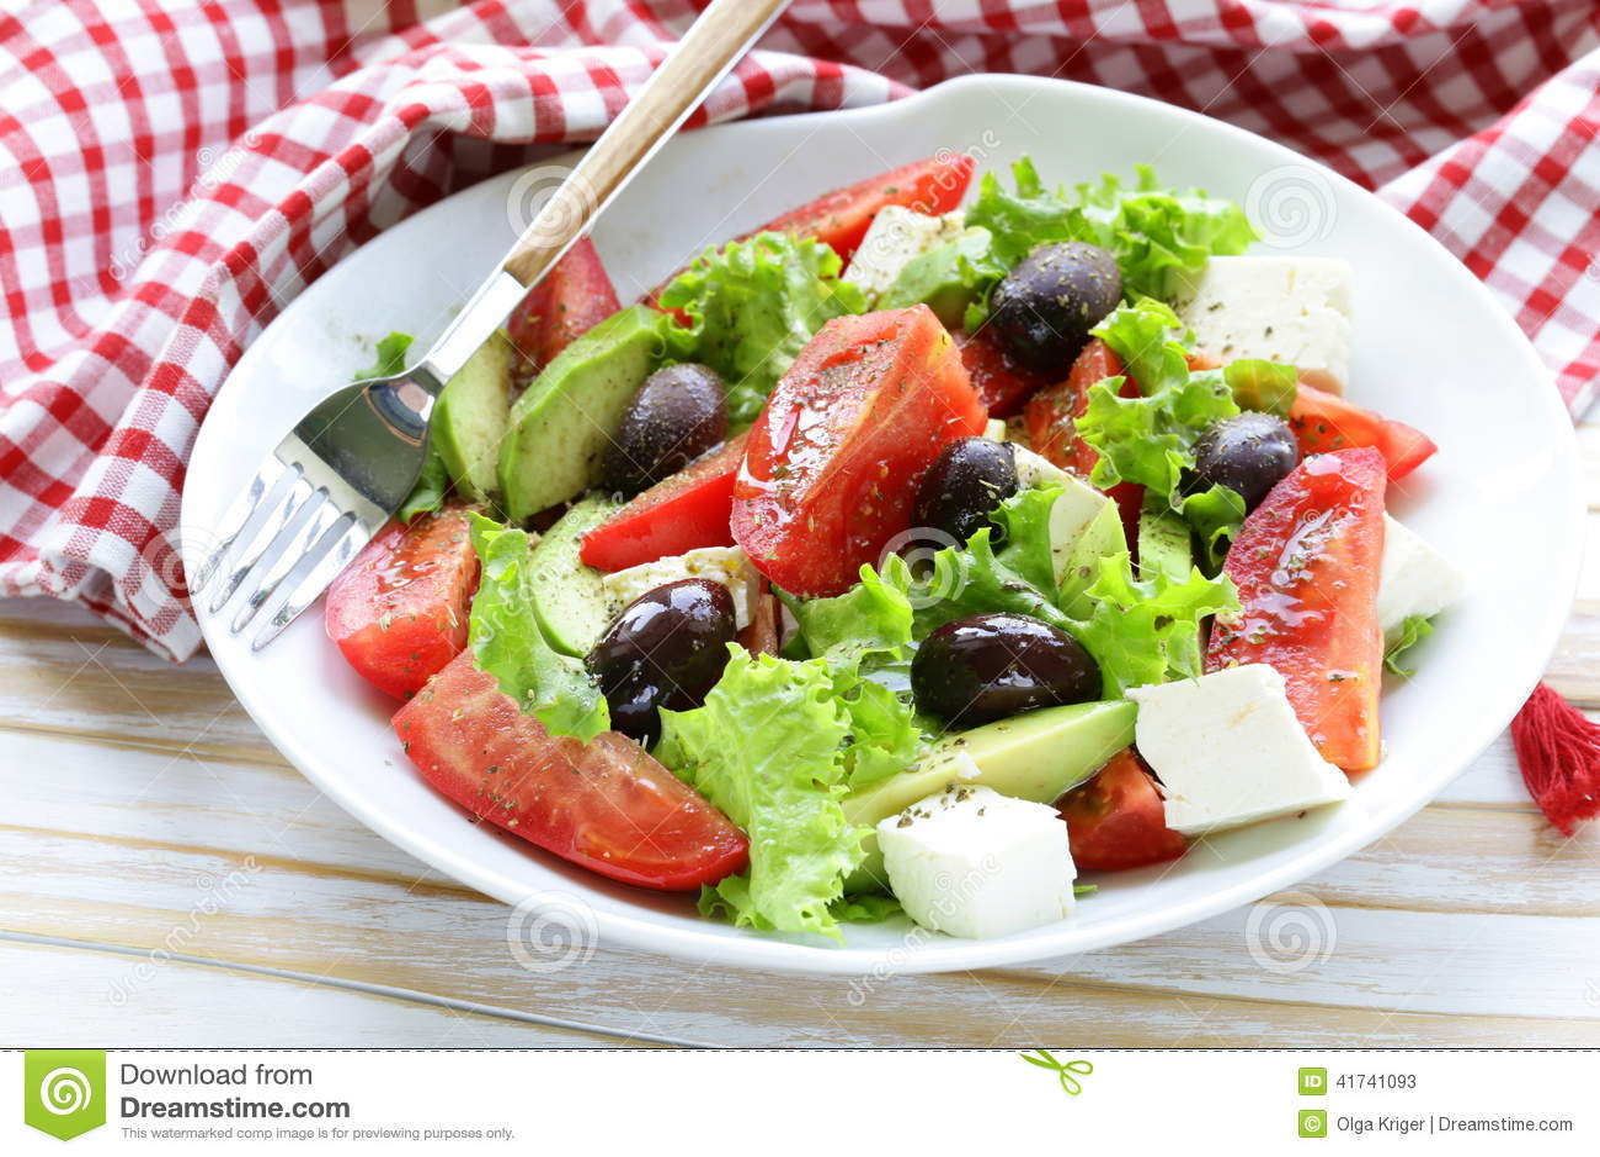 Μεσογειακή σαλάτα με τις μαύρες ελιές, μαρούλι, τυρί